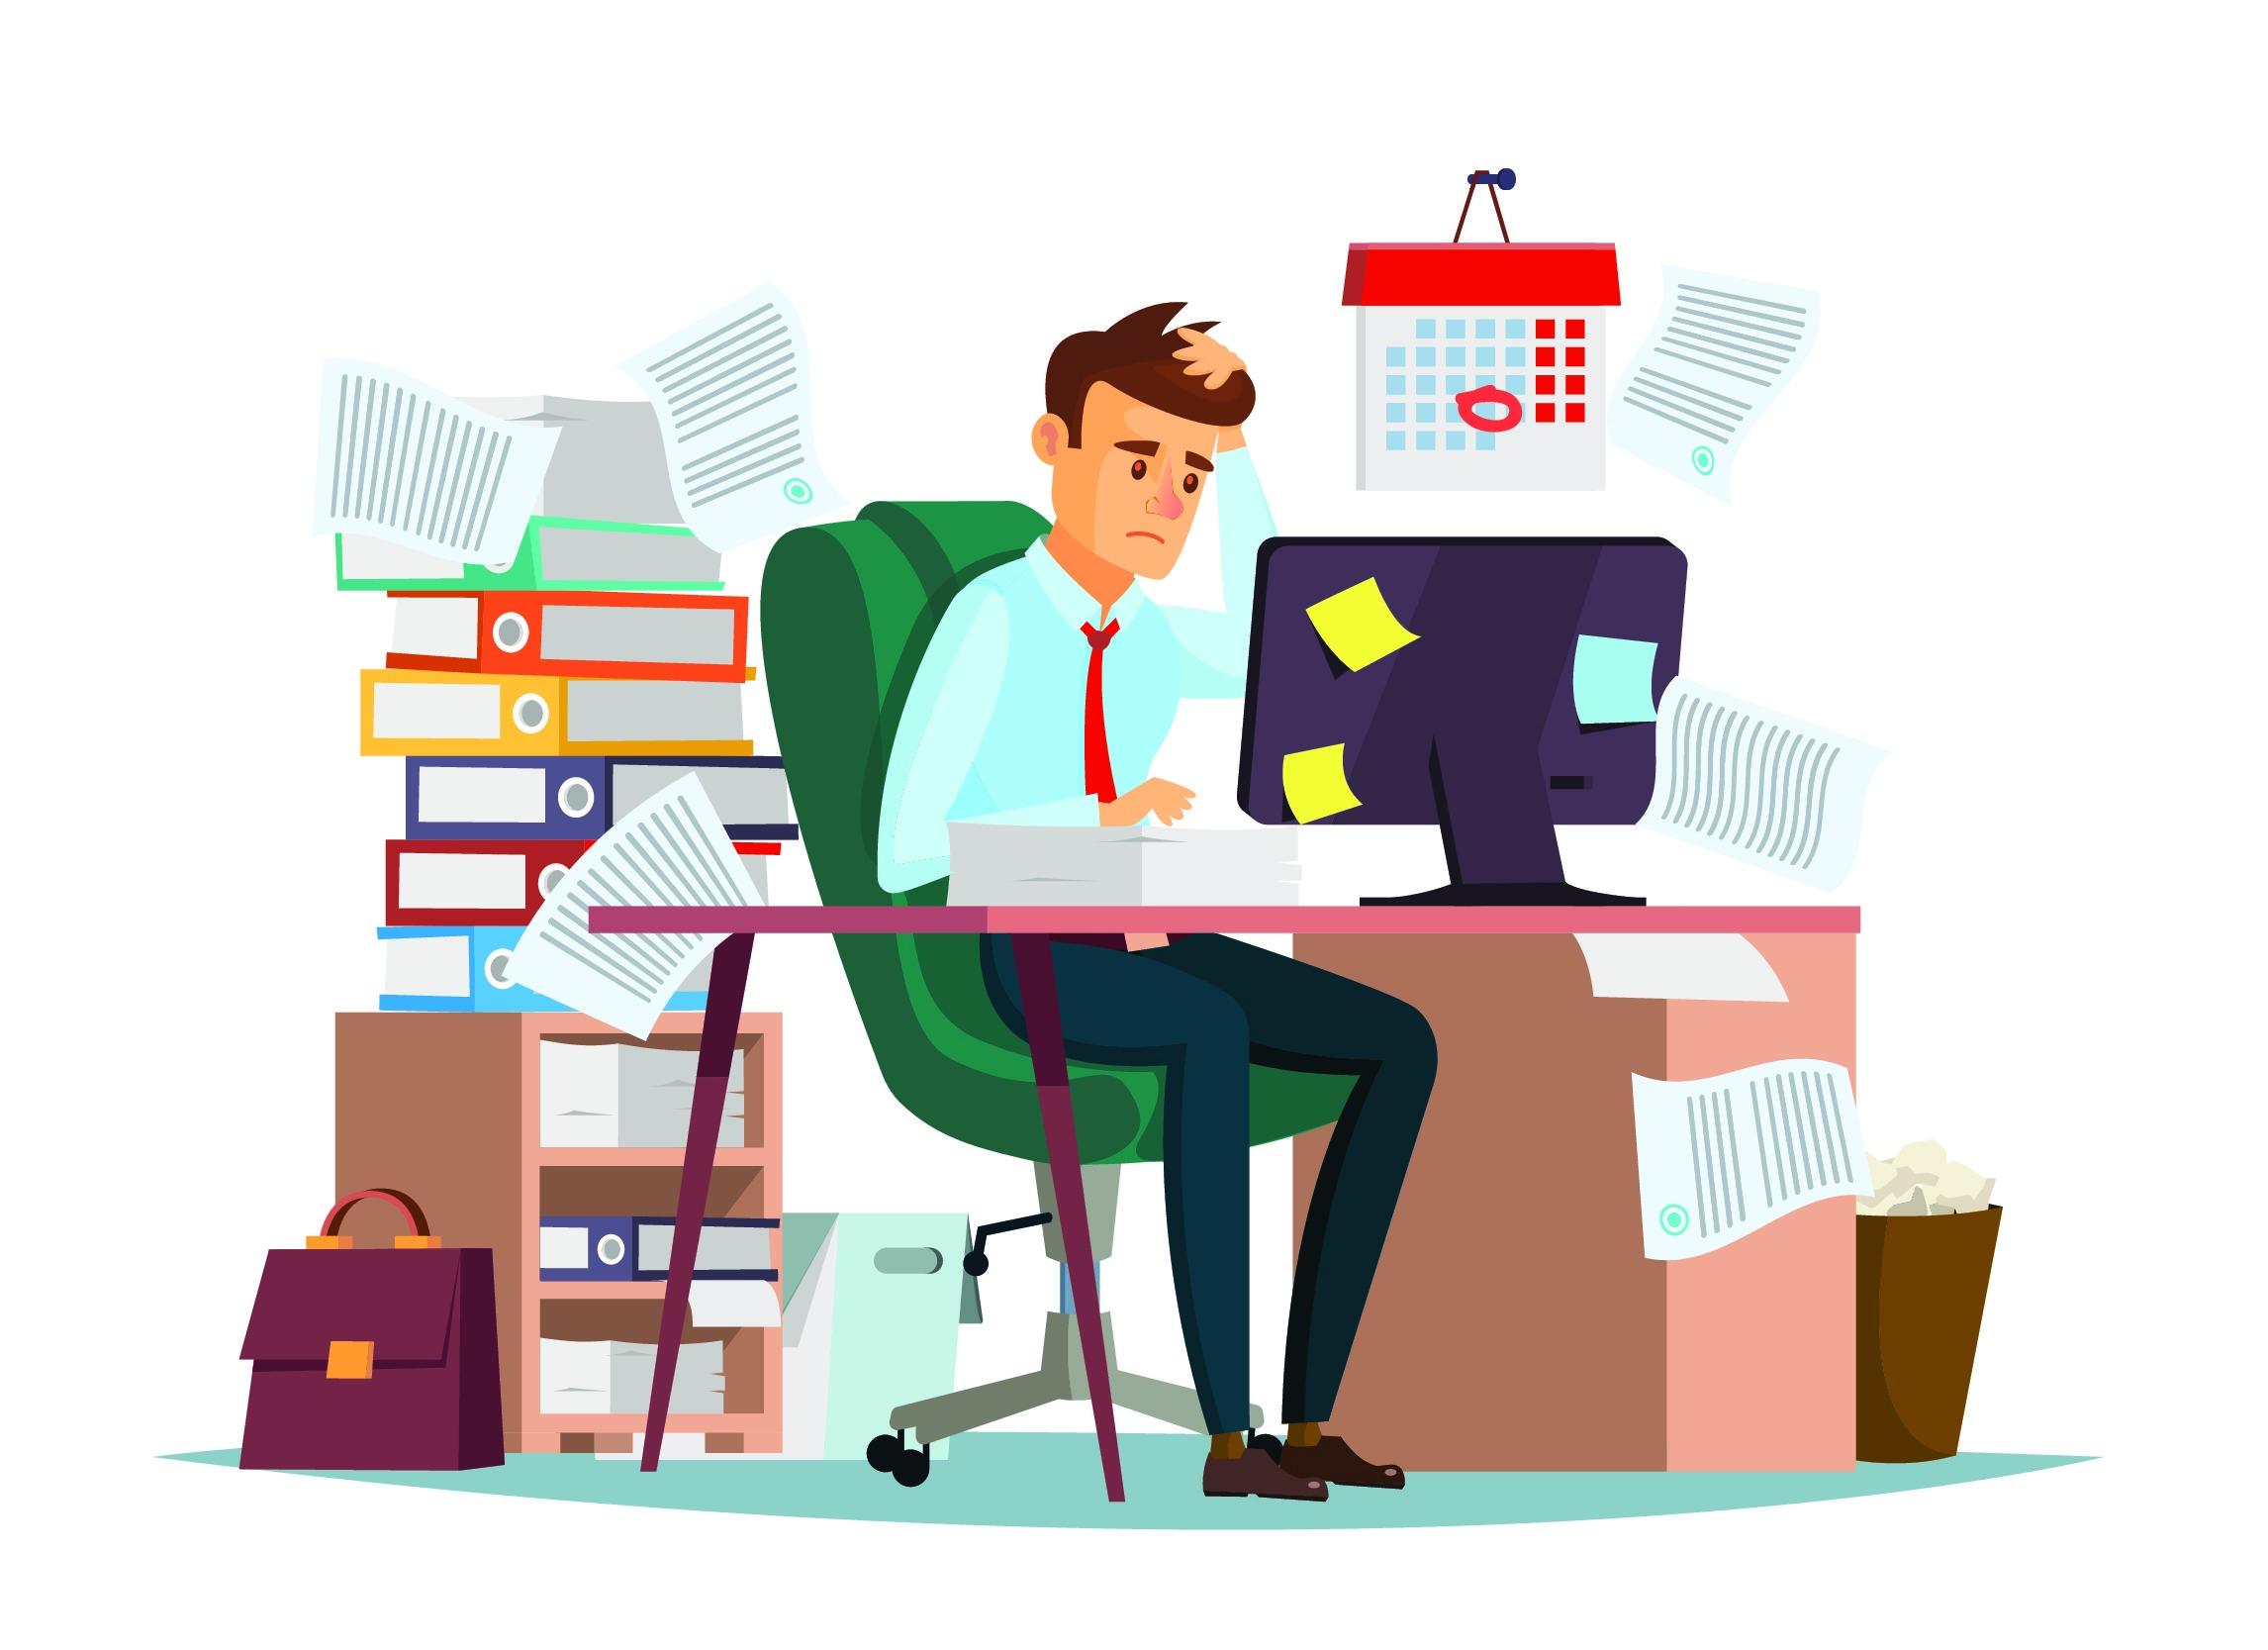 Ein Mann sitzt vor einem sehr vollen Schreibtisch